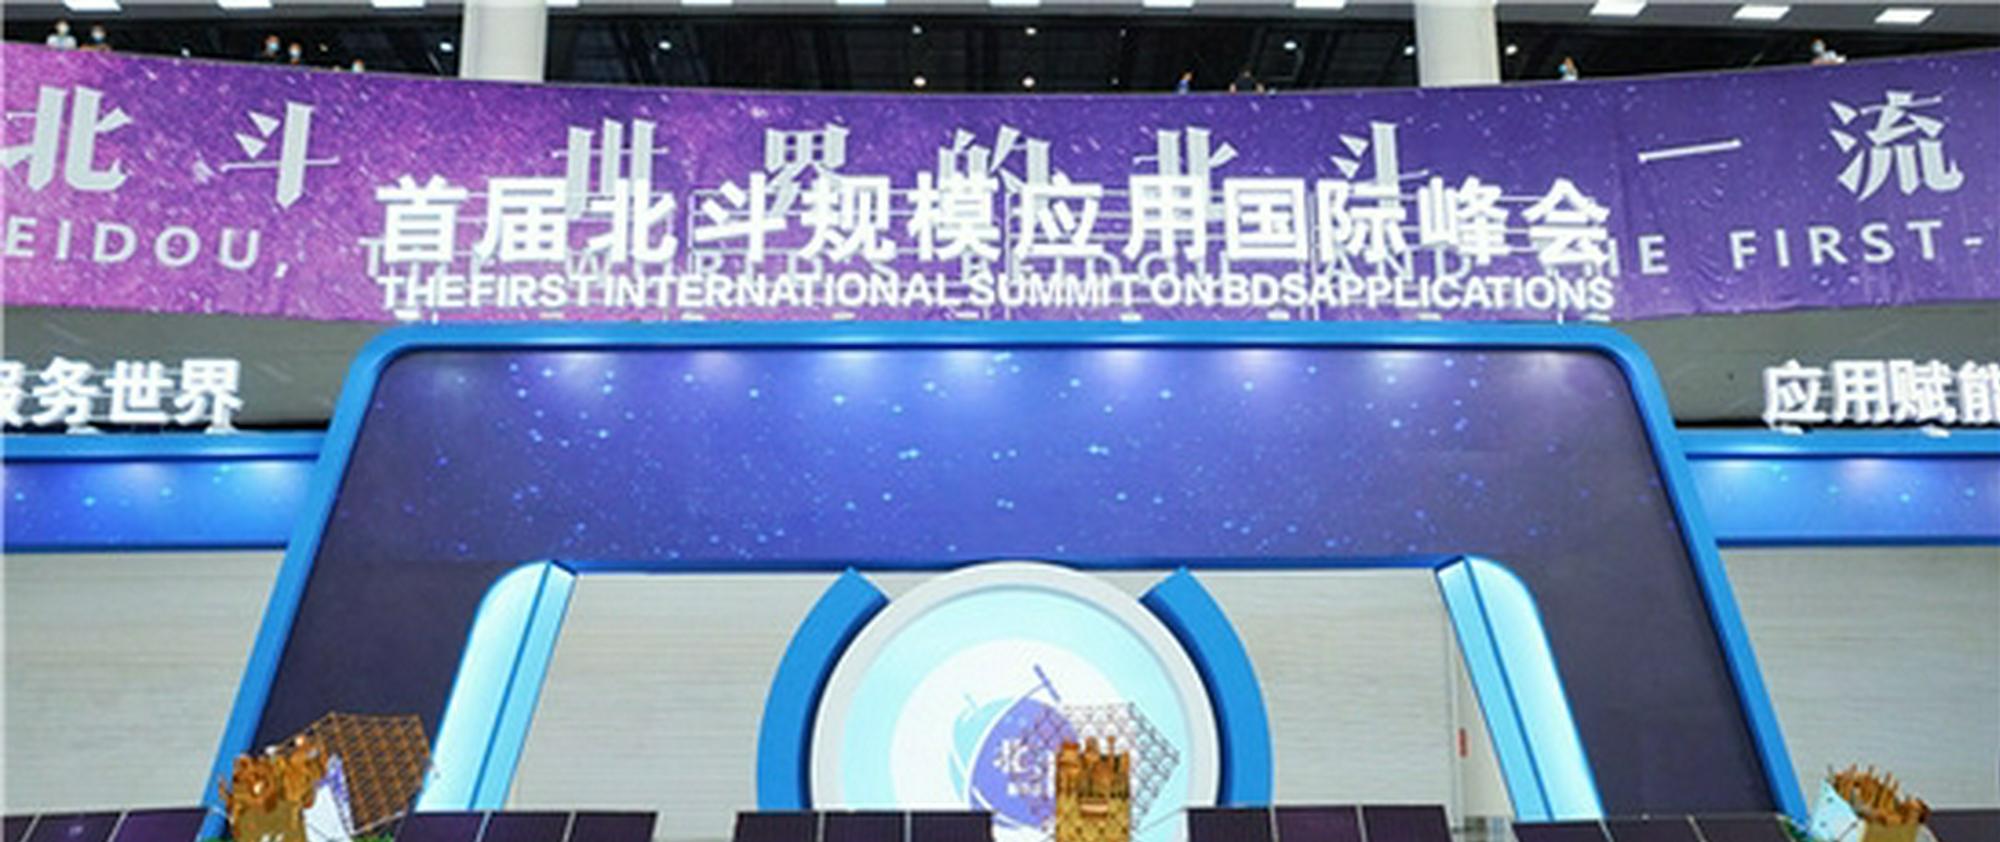 首届北斗规模应用国际峰会官方宣传片